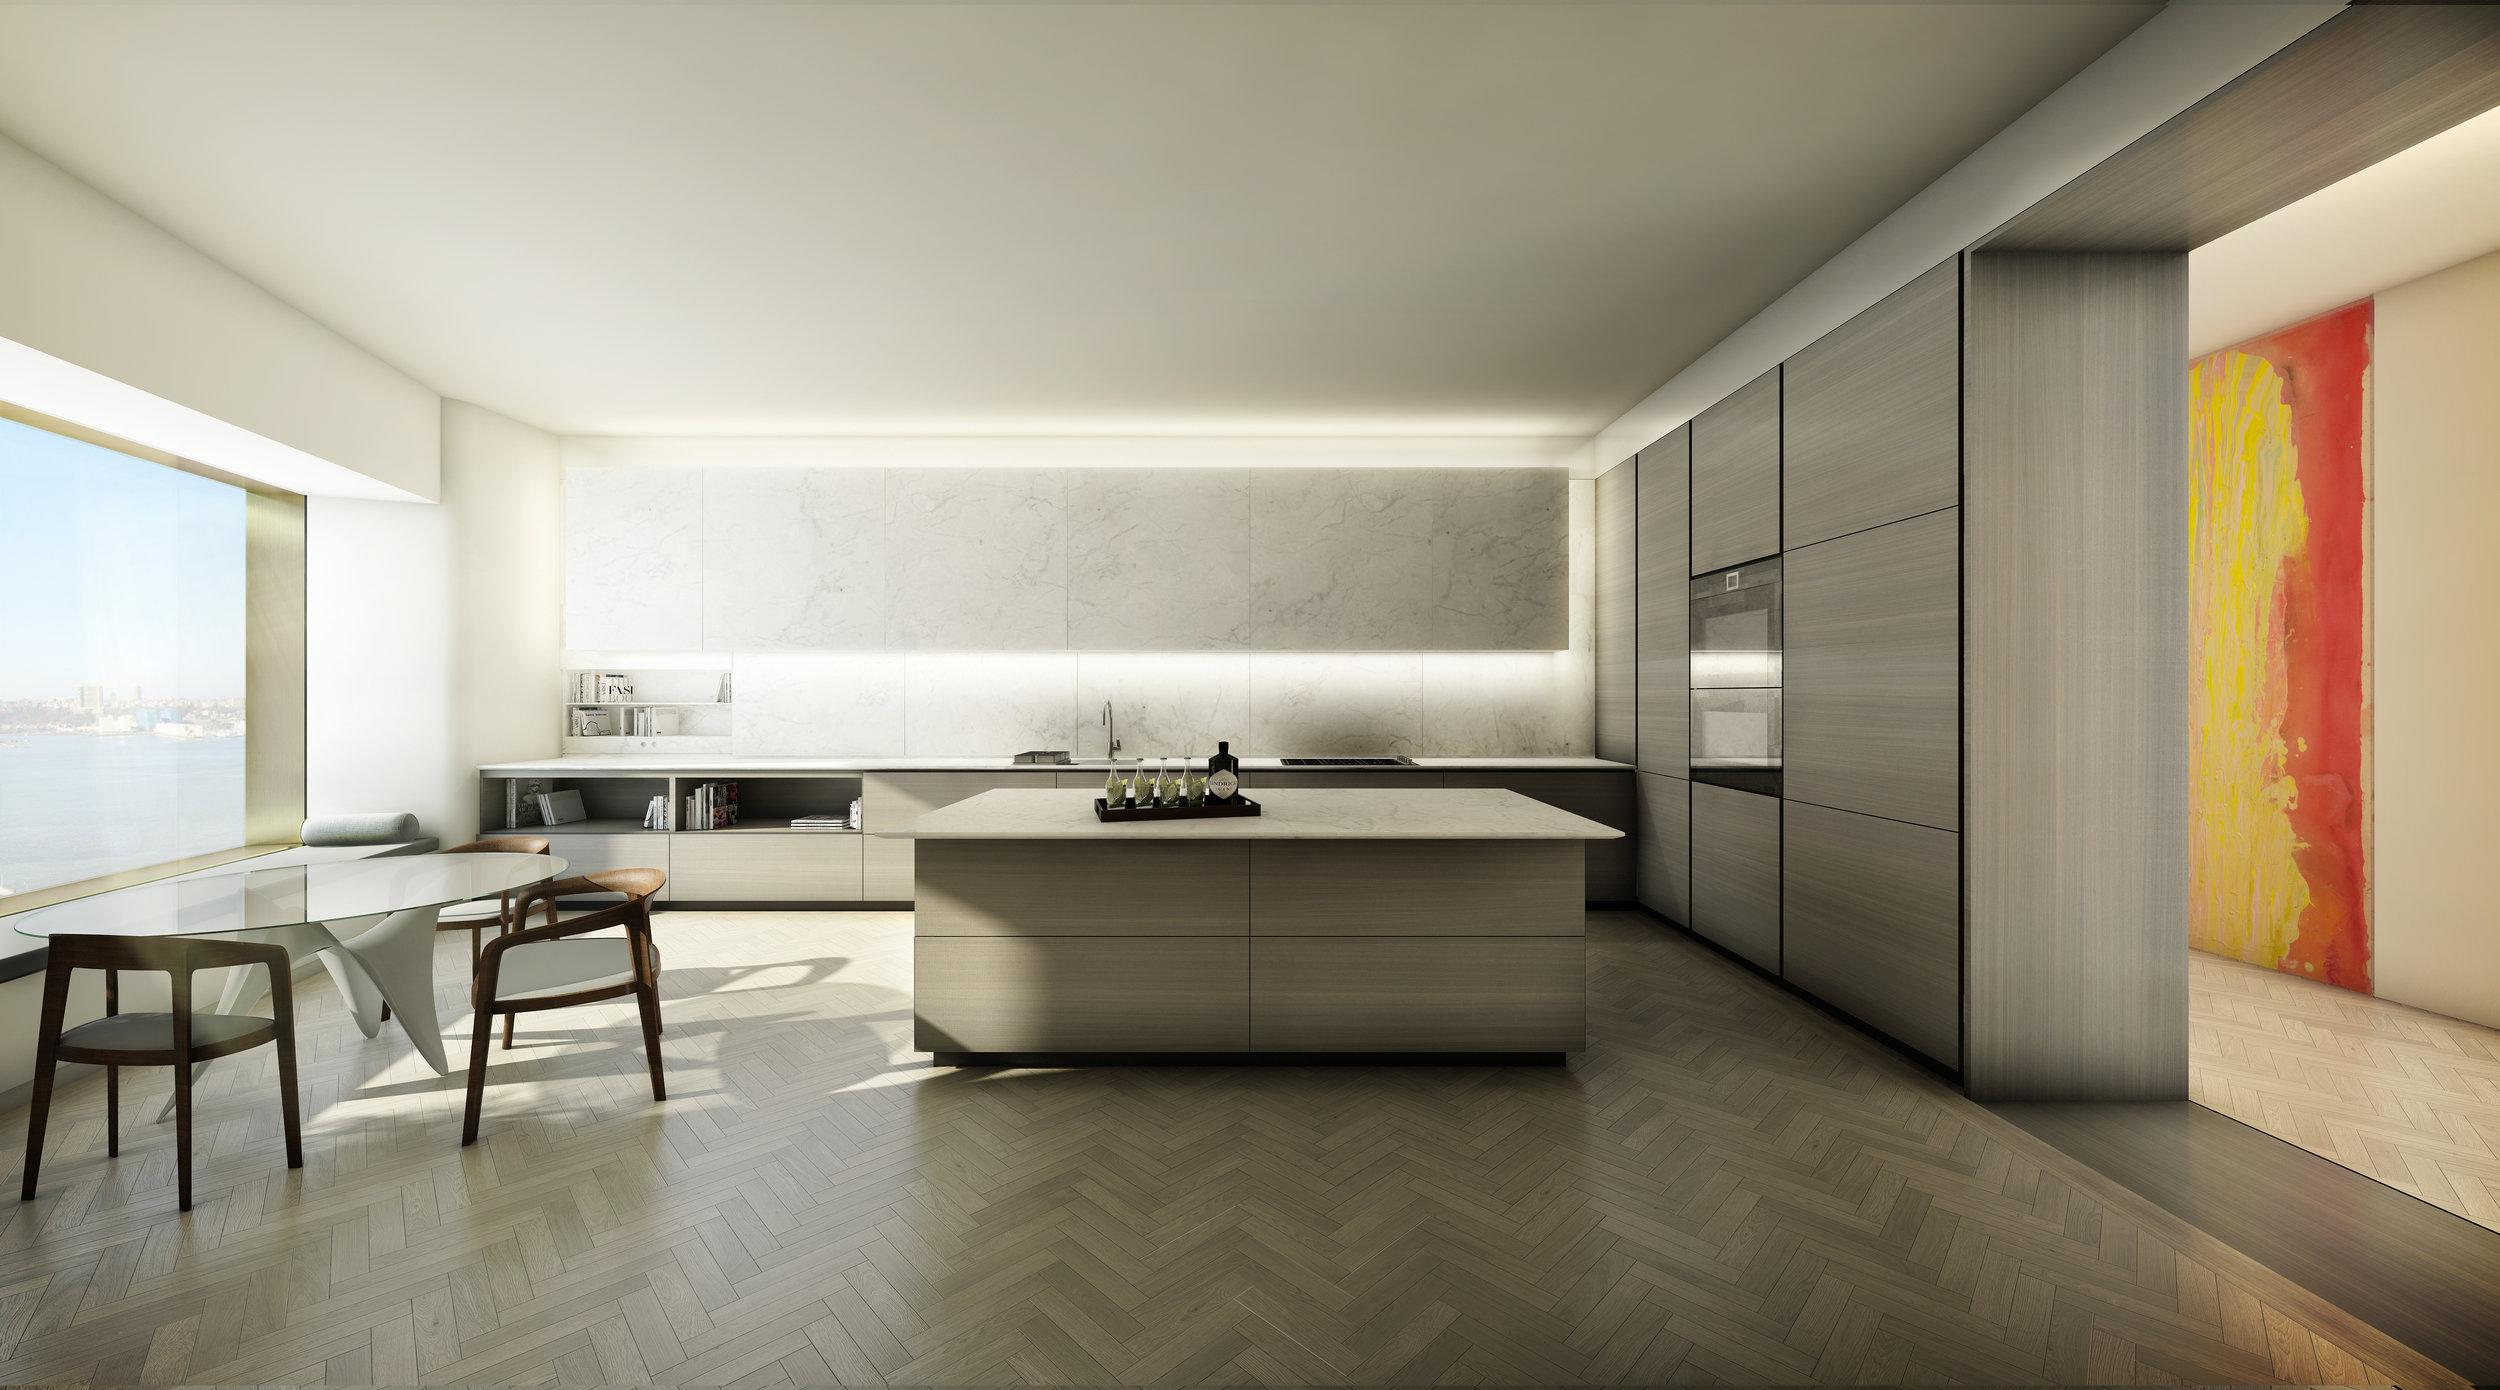 Copia de mth_fp_wsc_view10_kitchen_a07.jpg